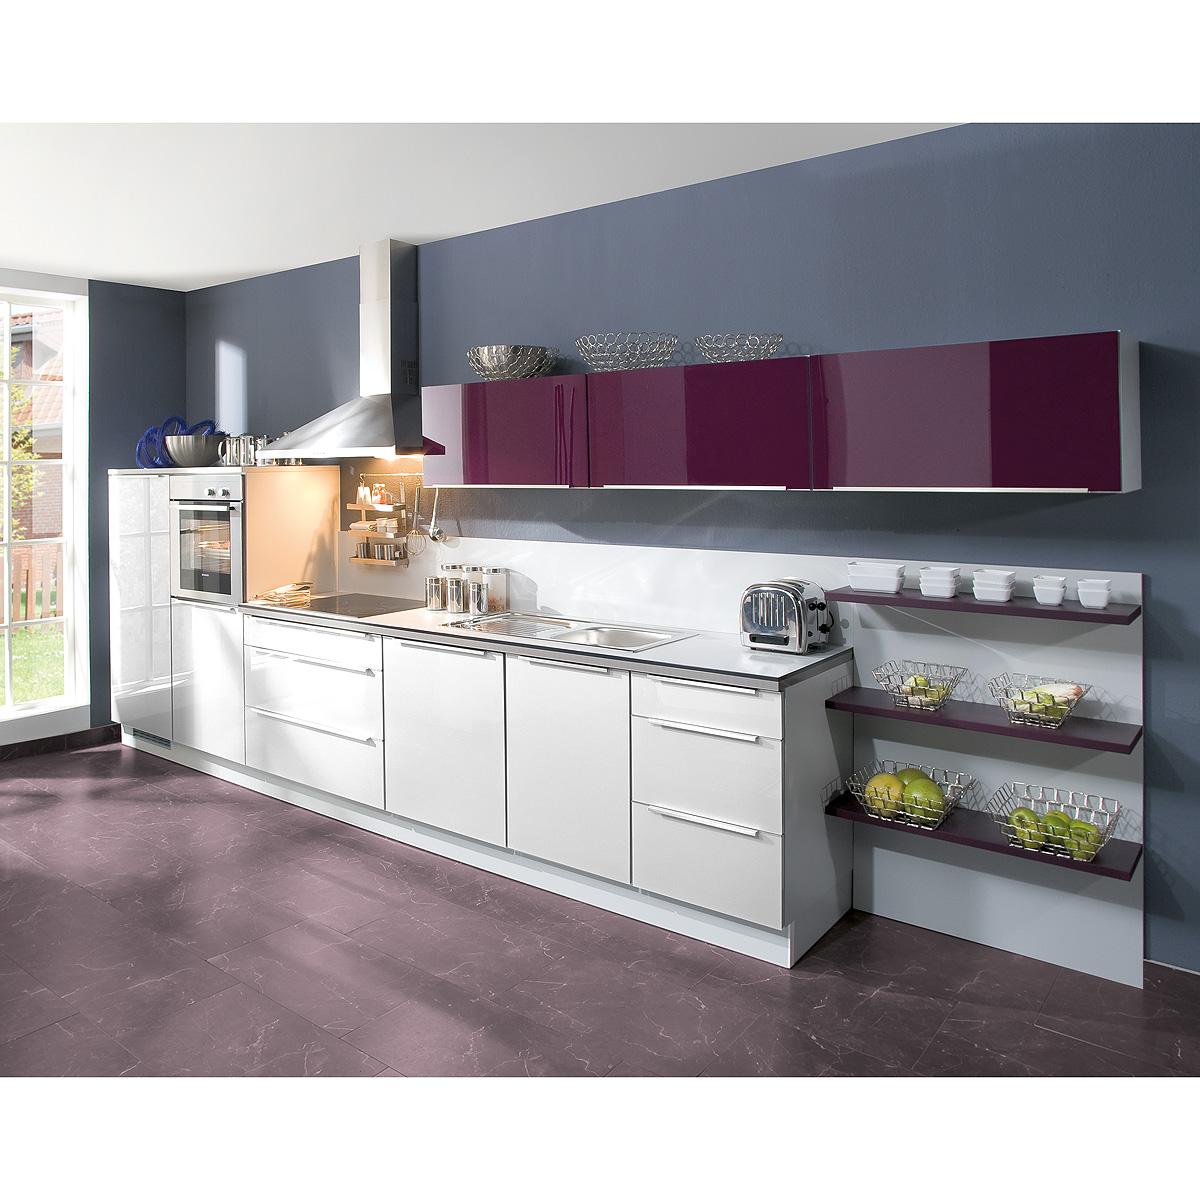 brigitte k che einbauk che k chenzeile inkl e ger te mit vielen farben 974 ebay. Black Bedroom Furniture Sets. Home Design Ideas